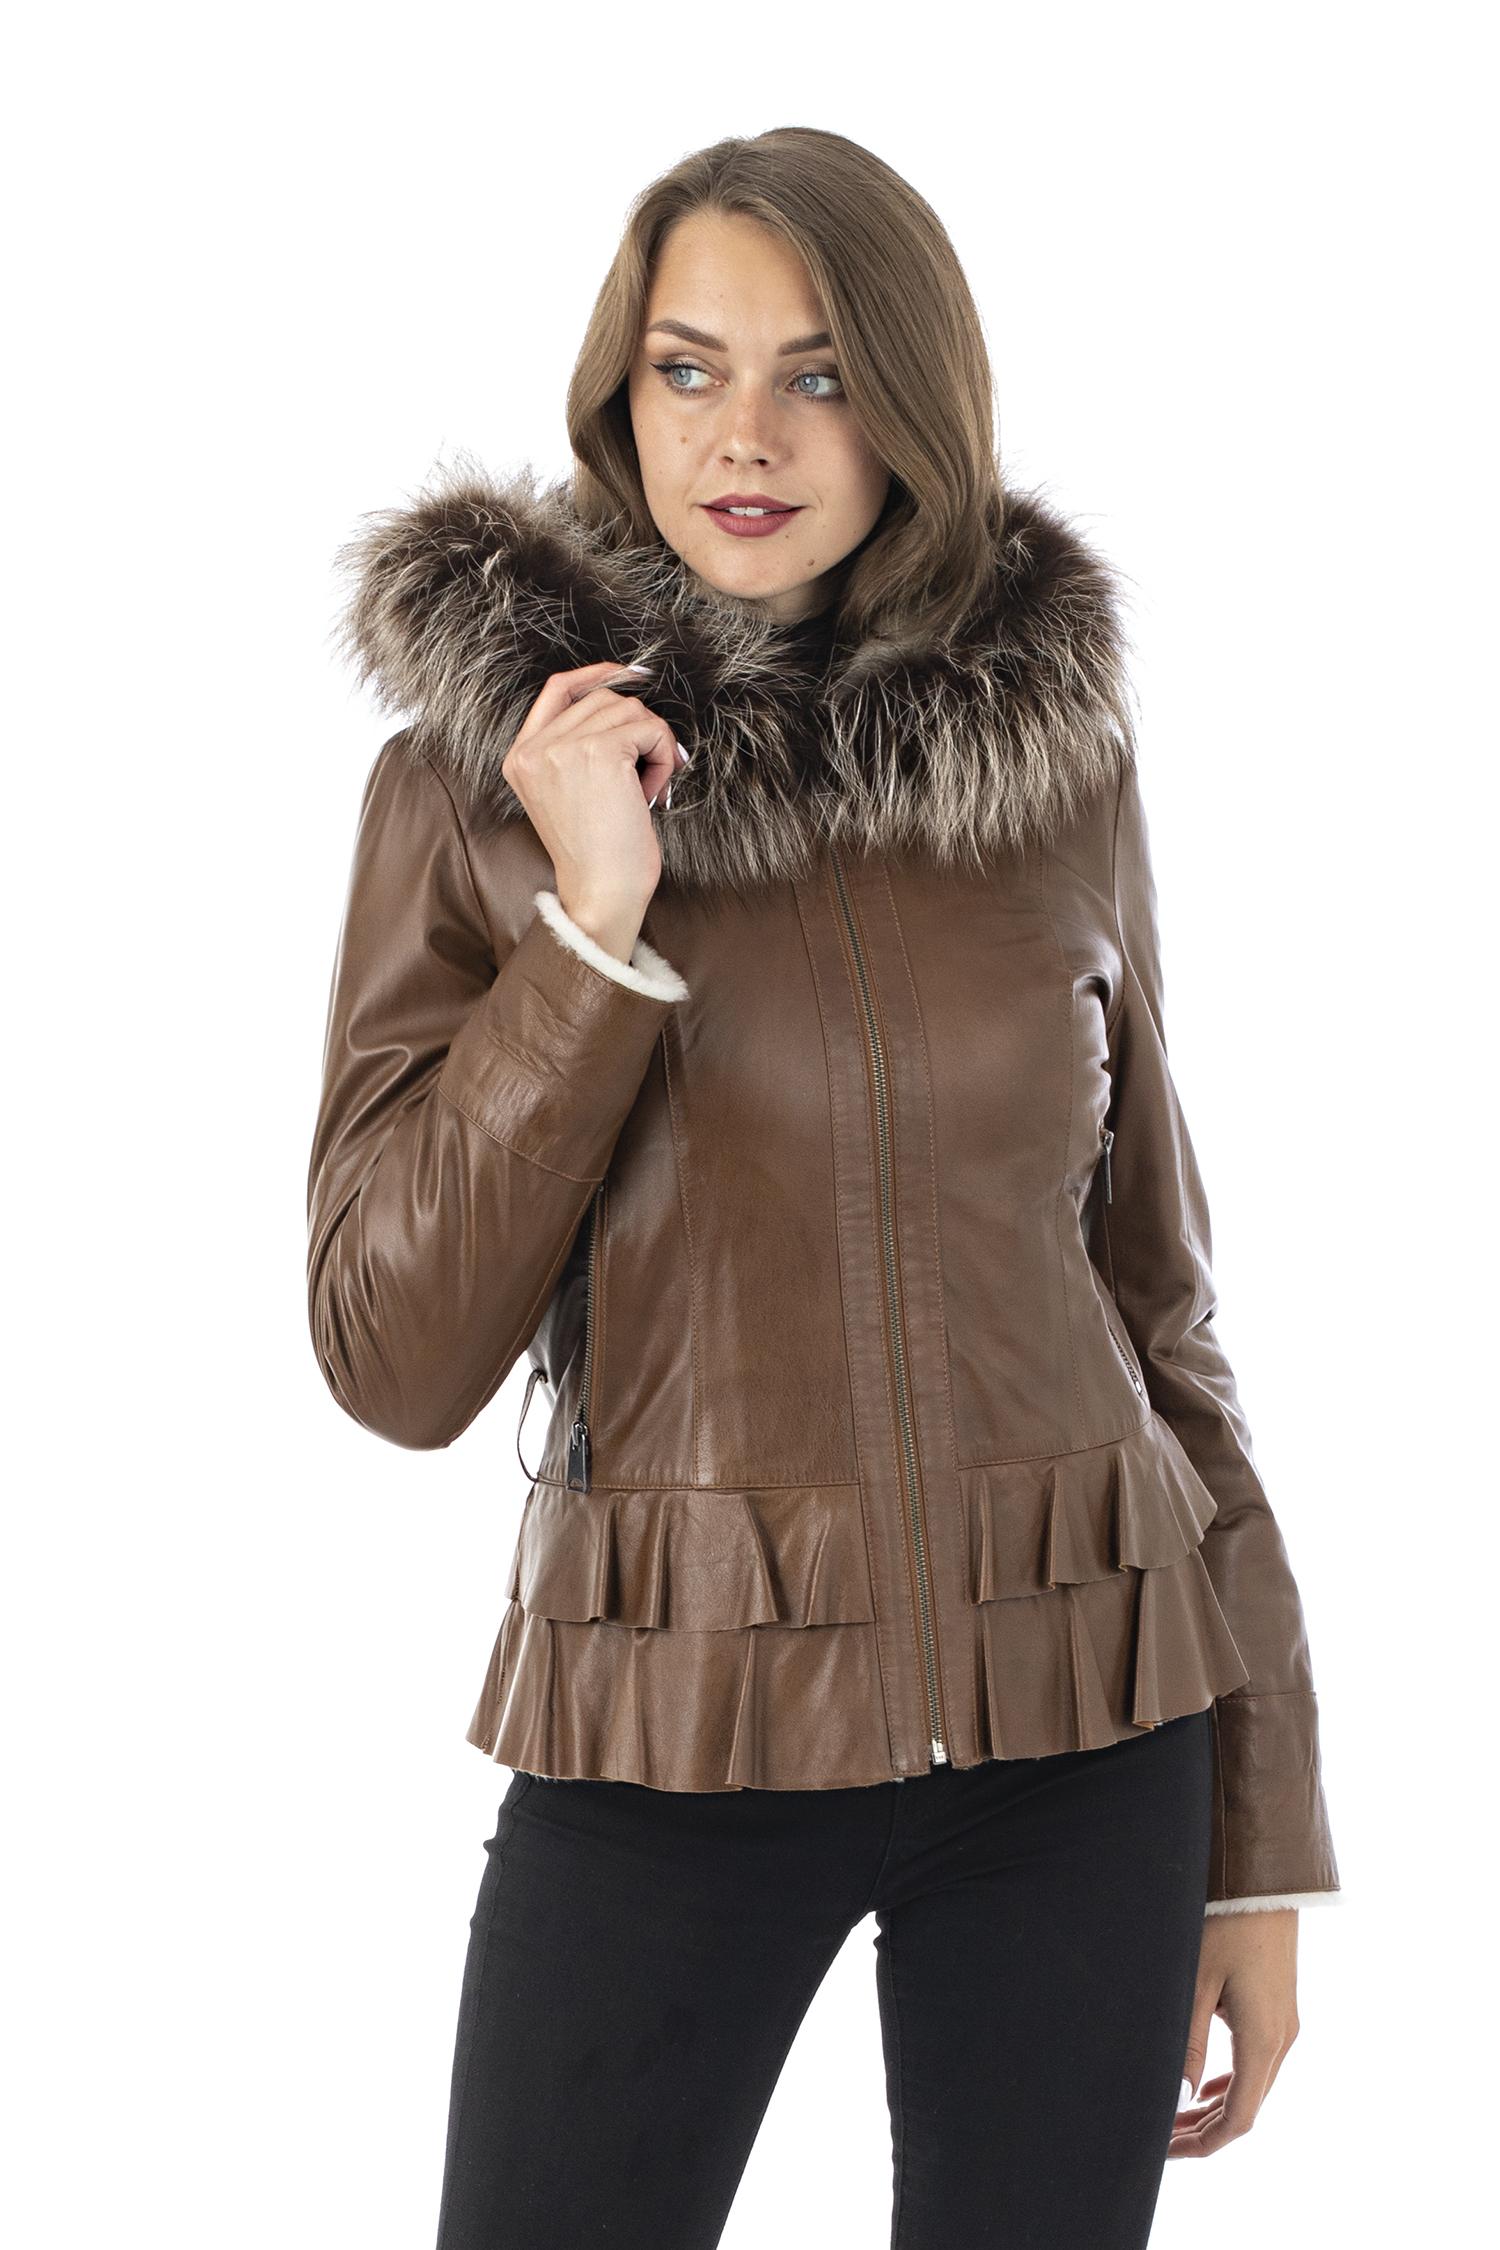 Женская кожаная куртка из натуральной кожи на меху с капюшоном, отделка лиса МОСМЕХА